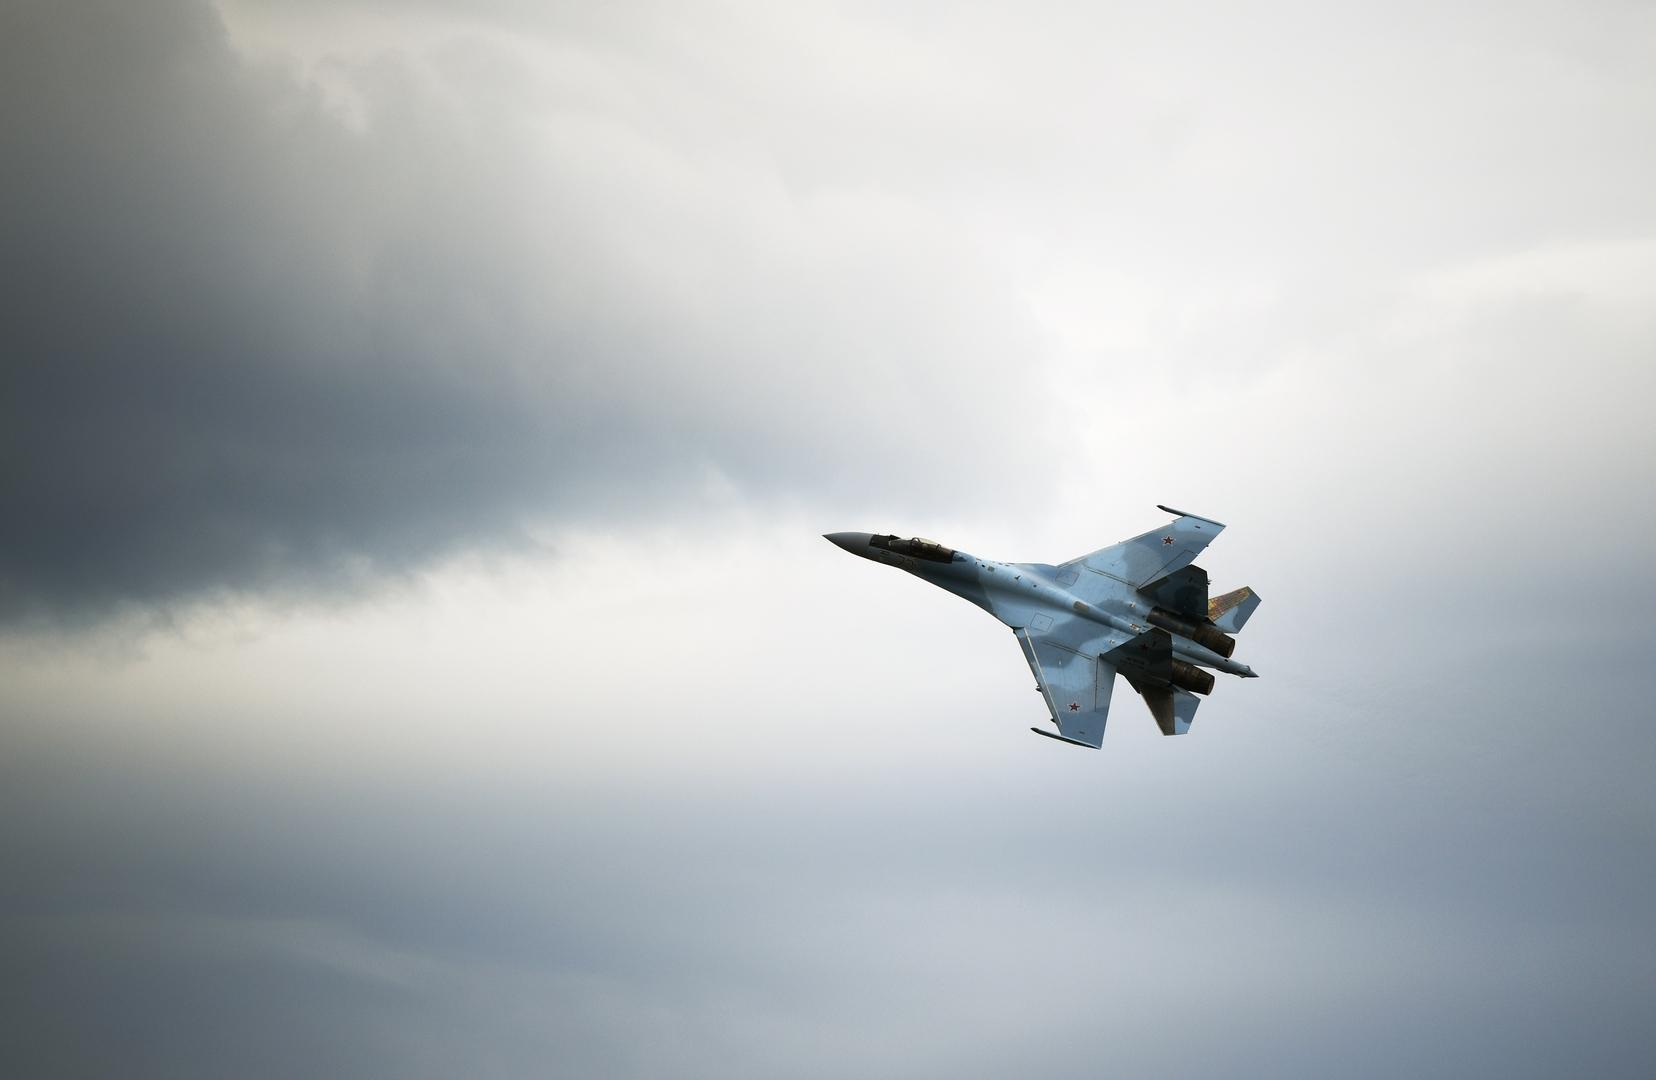 خبير عسكري روسي: مصر لن تستسلم لابتزاز أمريكا بخصوص الحصول على المقاتلة